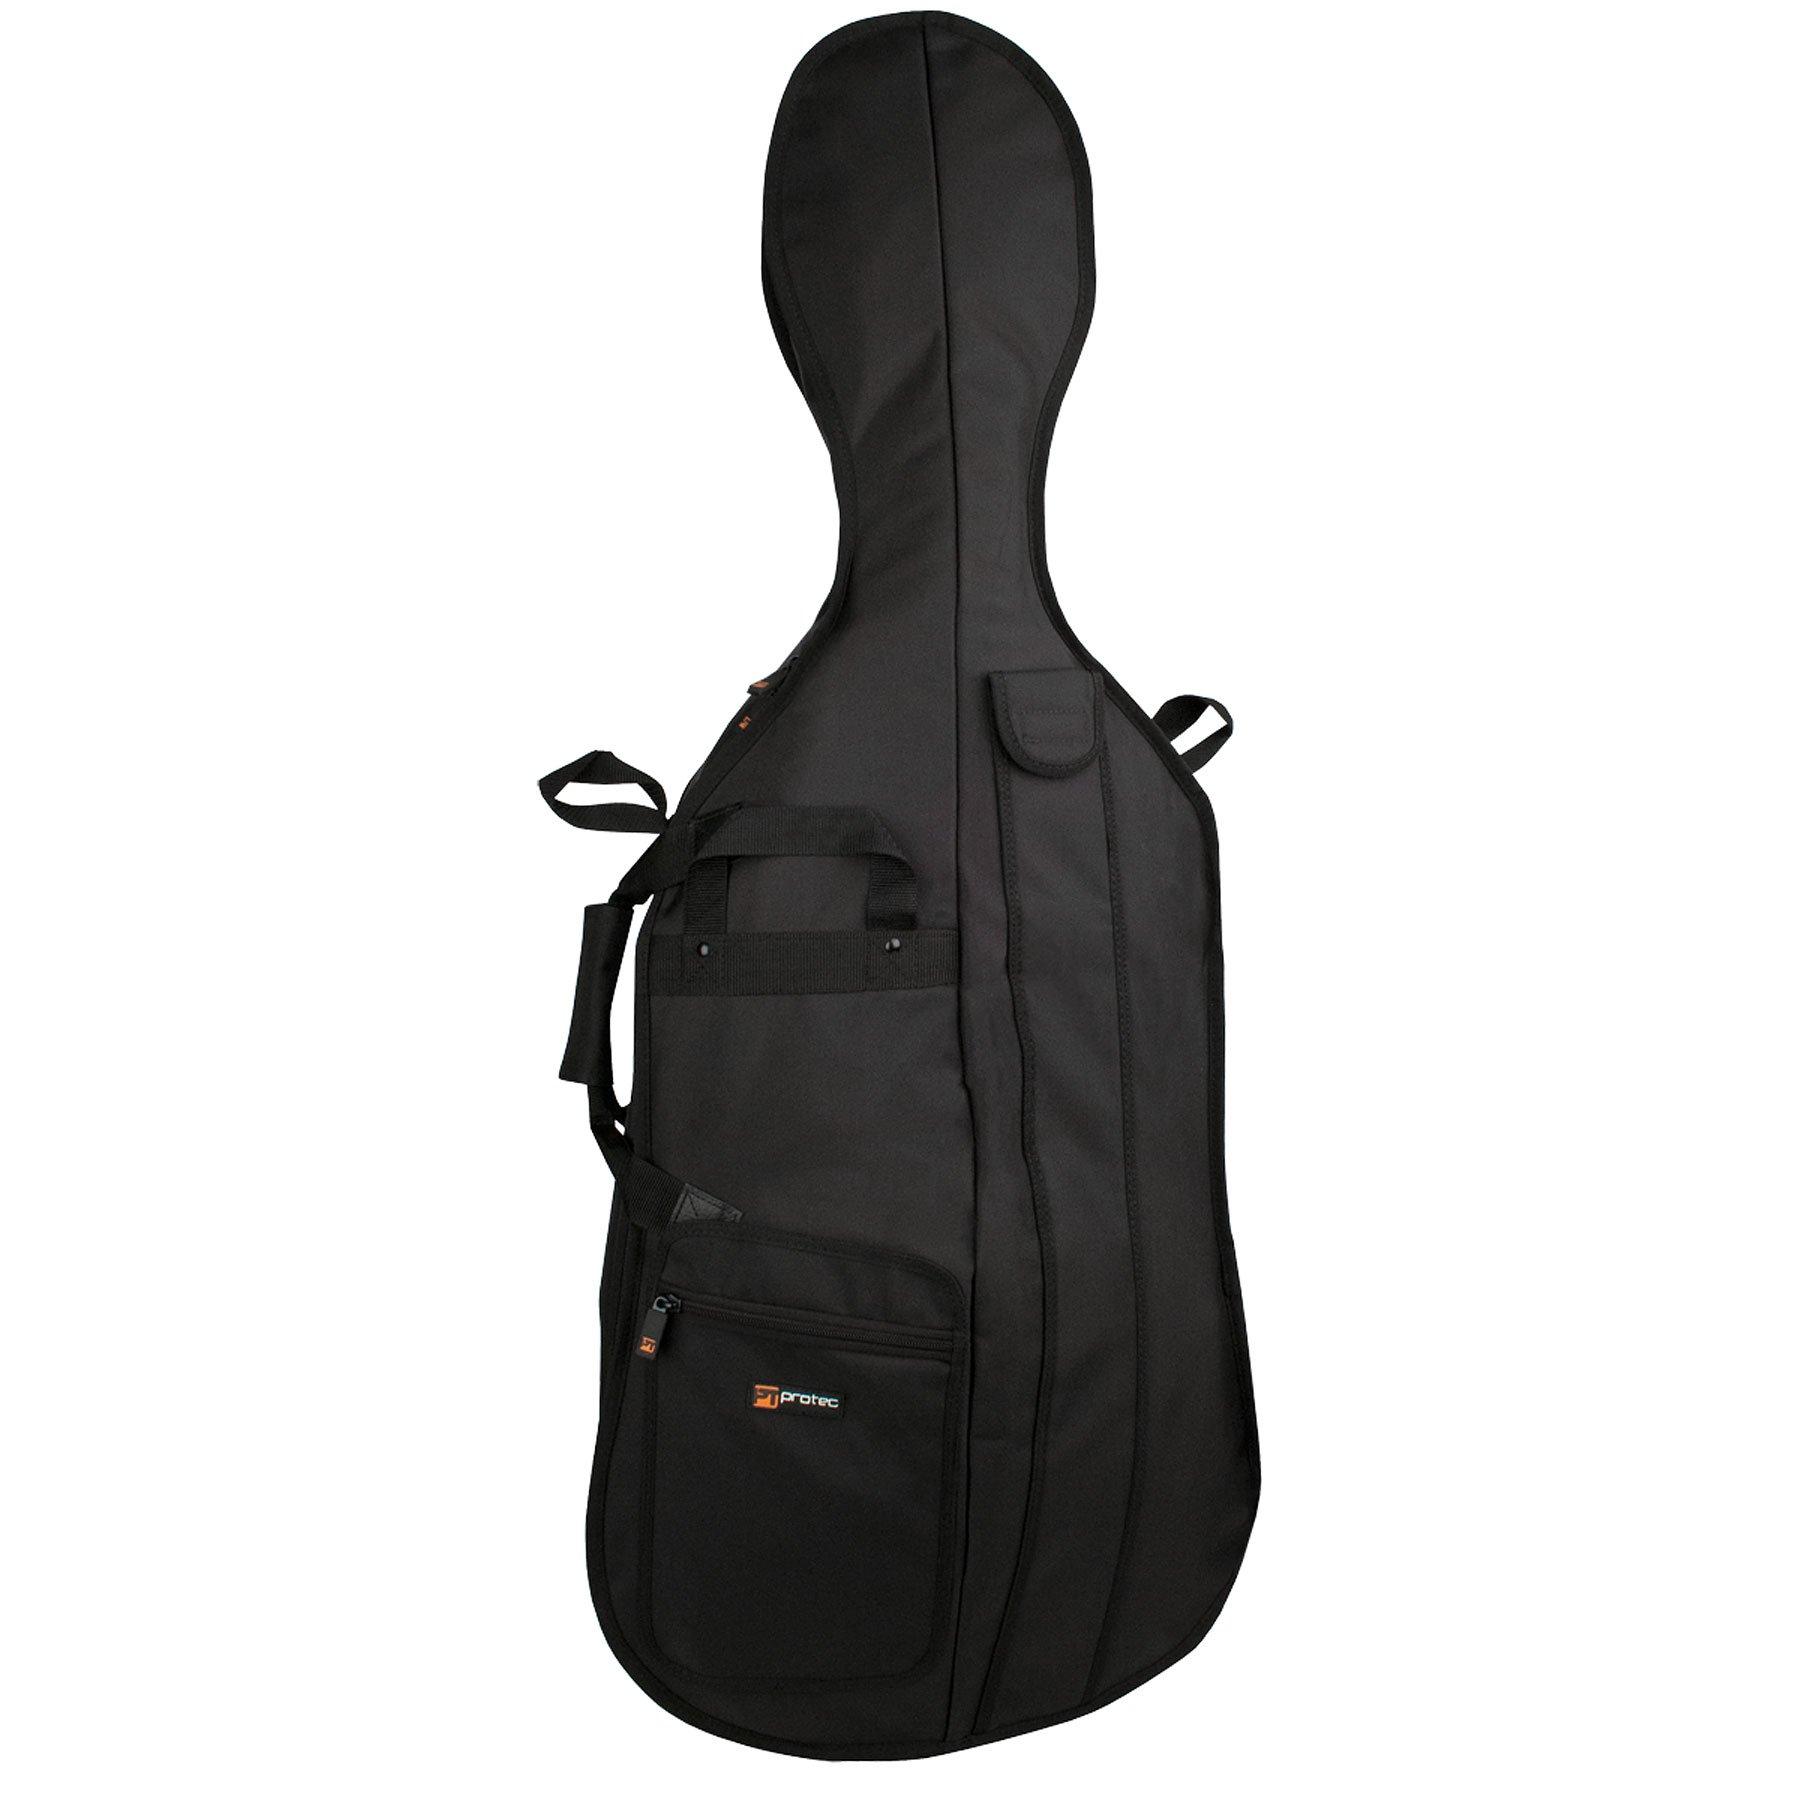 Protec 3/4 Cello Gig Bag - Silver Series, Model # C309E